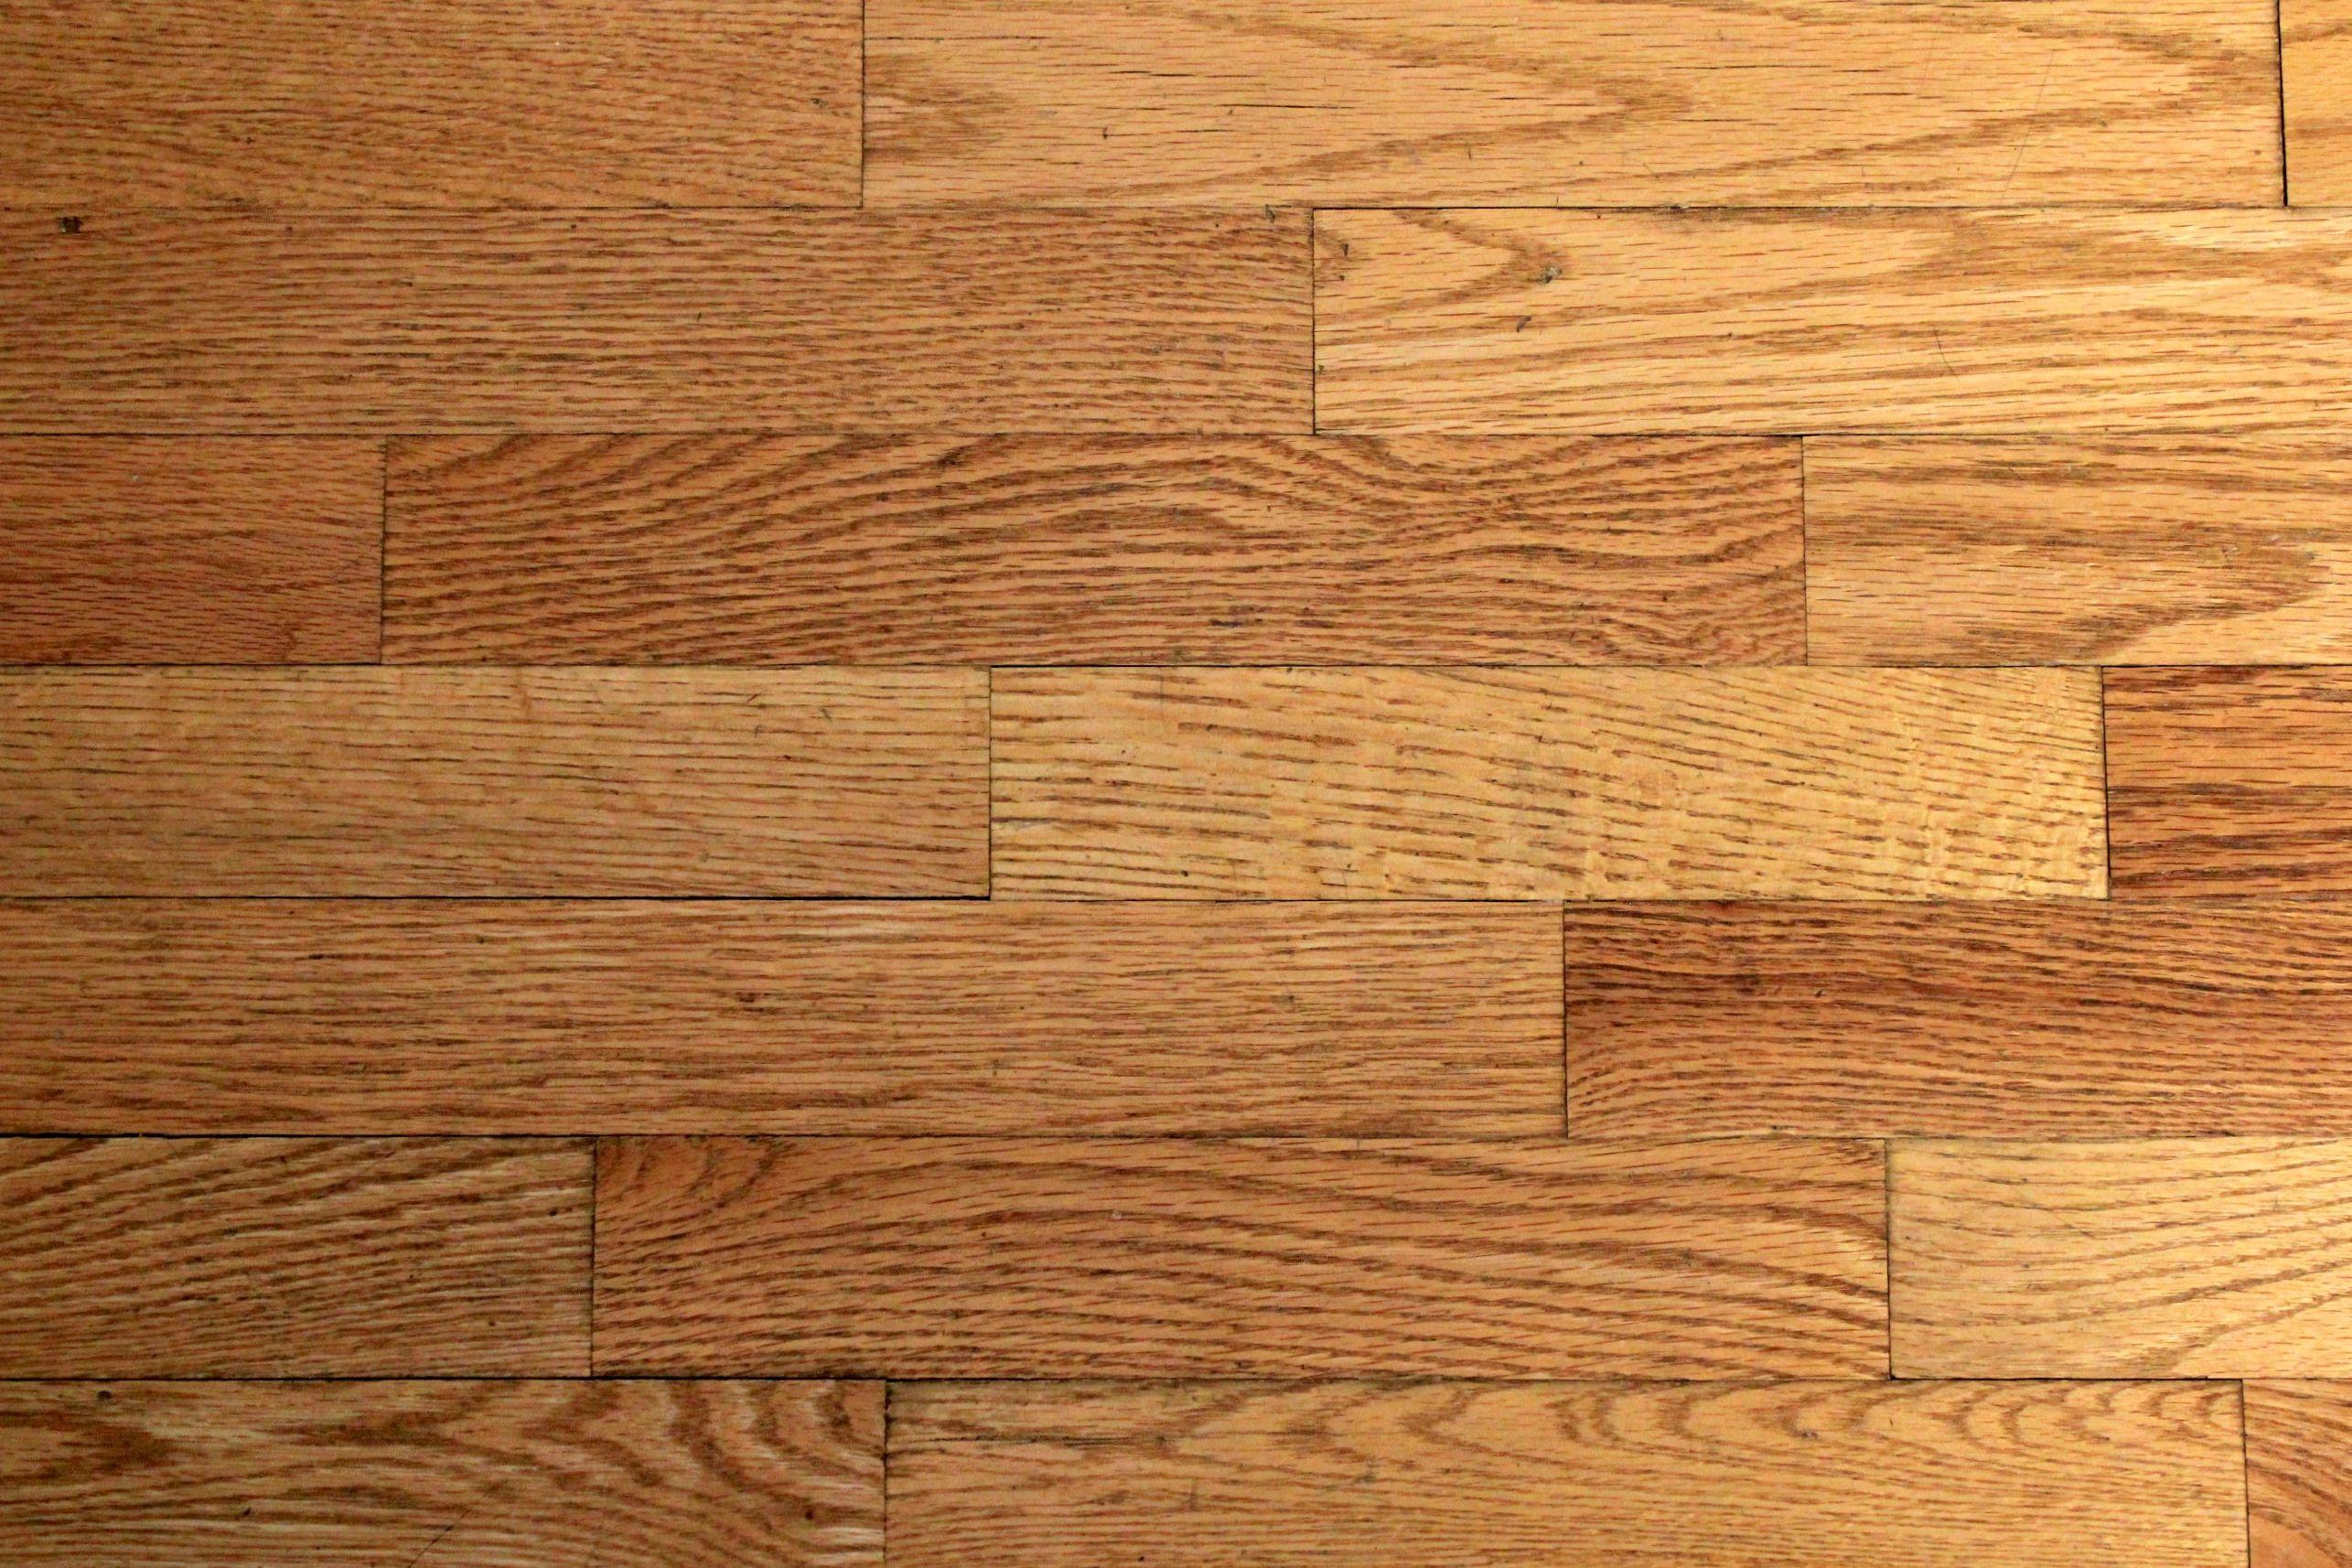 Fotos gratis tablero tabl n marr n maderas piso de - Transferir fotos a madera ...